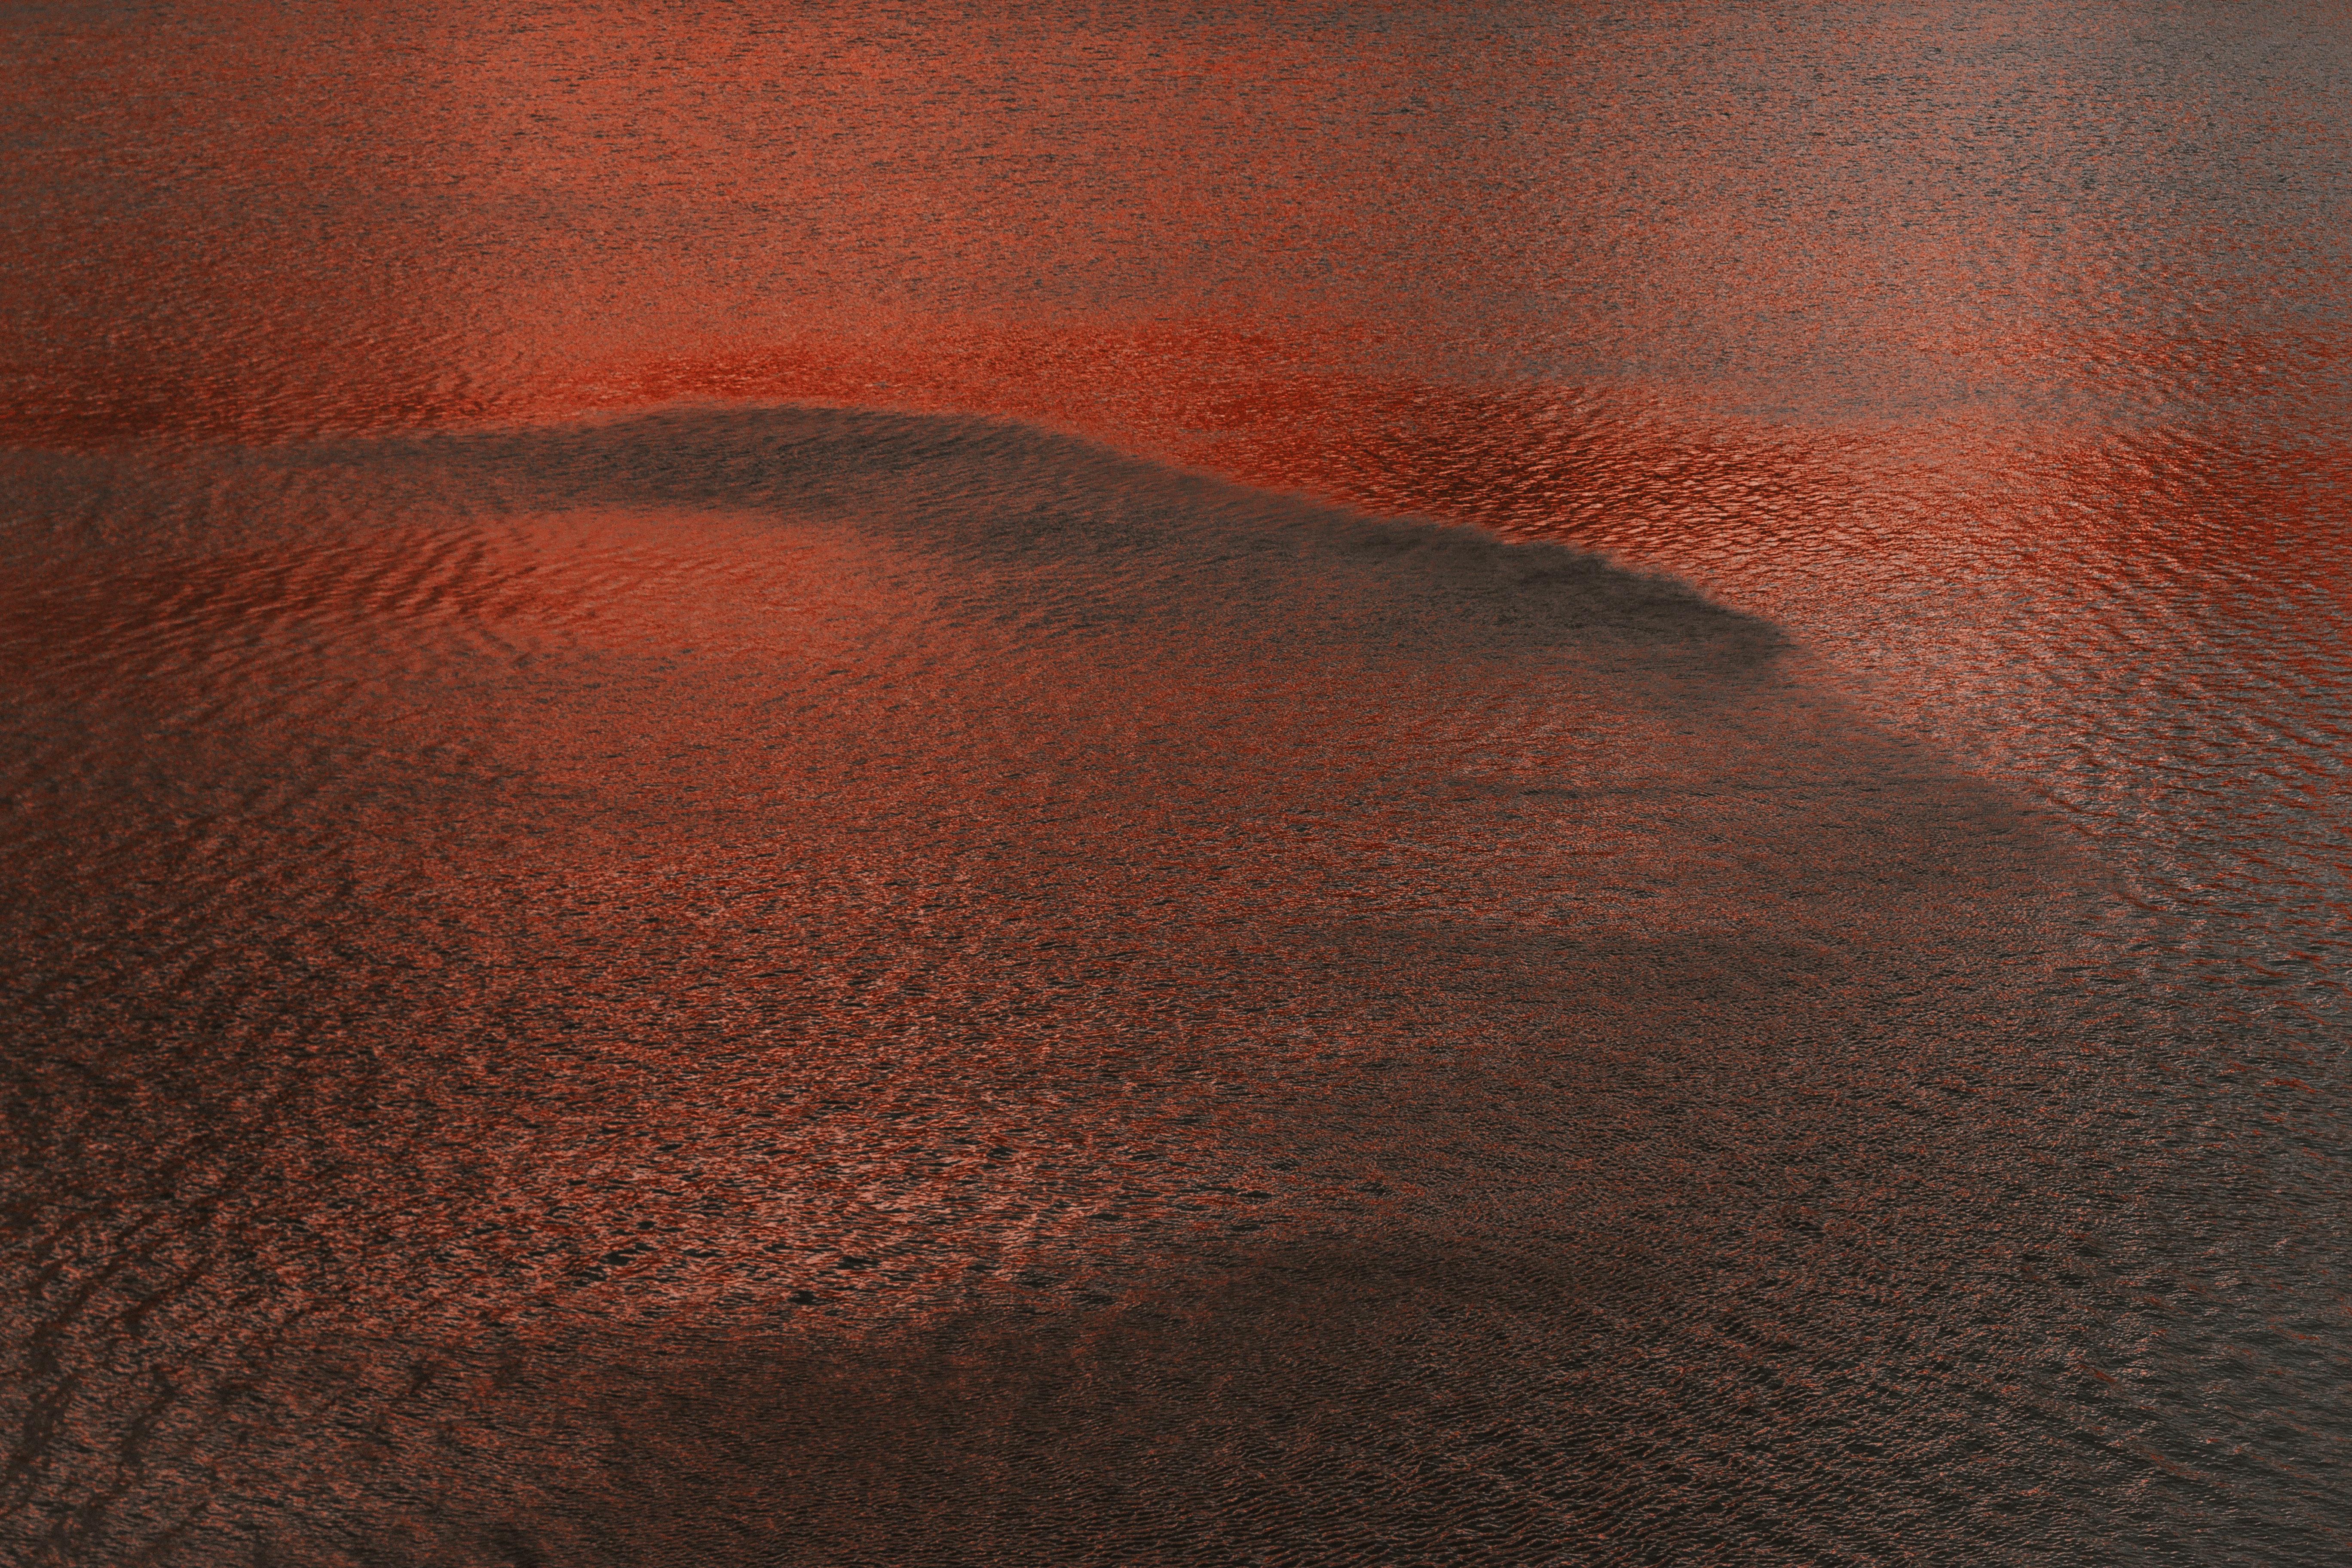 無料画像 色 ダーク デスクトップの壁紙 湖 自然の壁紙